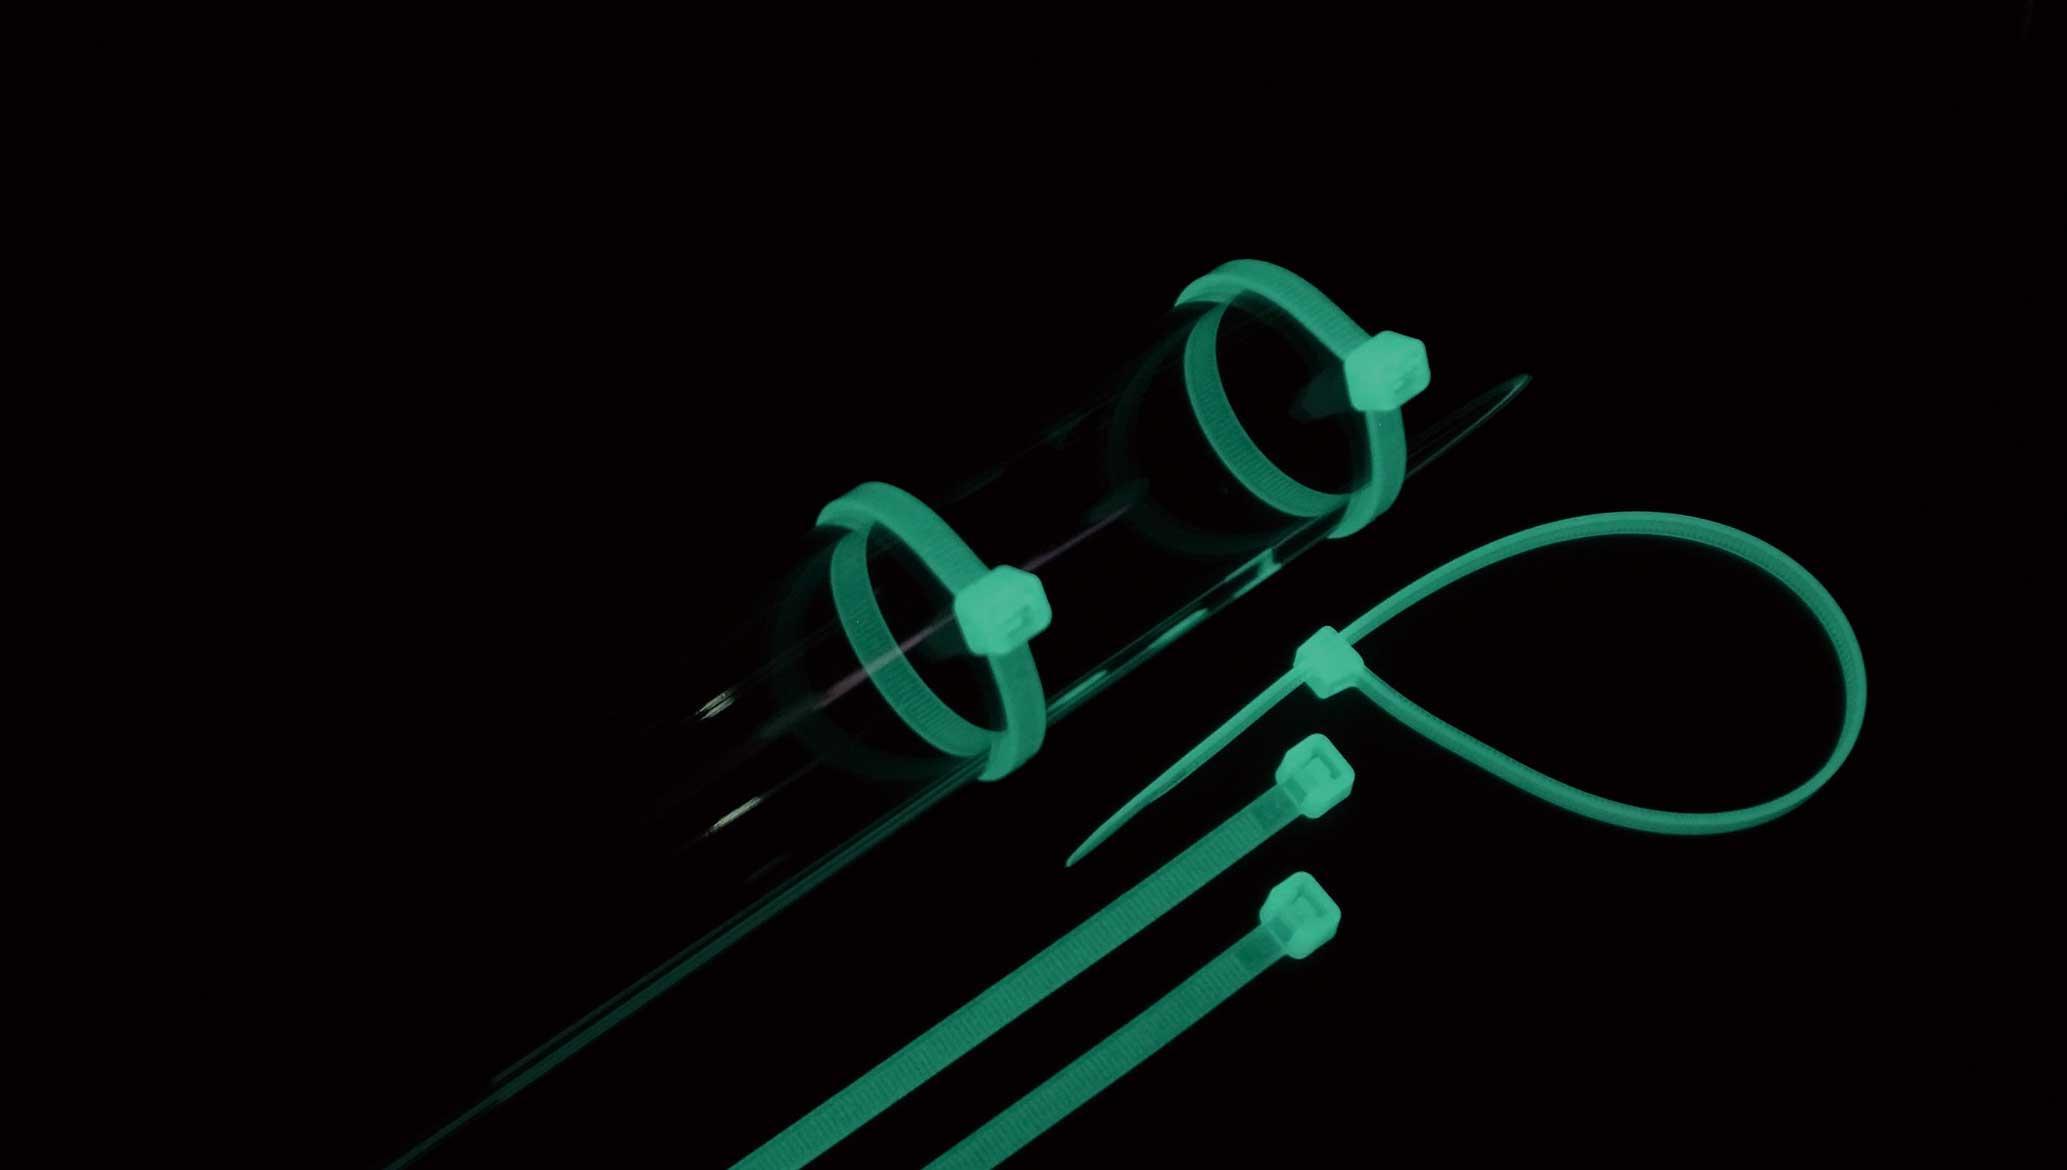 結束バンド | ケーブルタイ 蓄光タイプ (ポリプロピレン製)